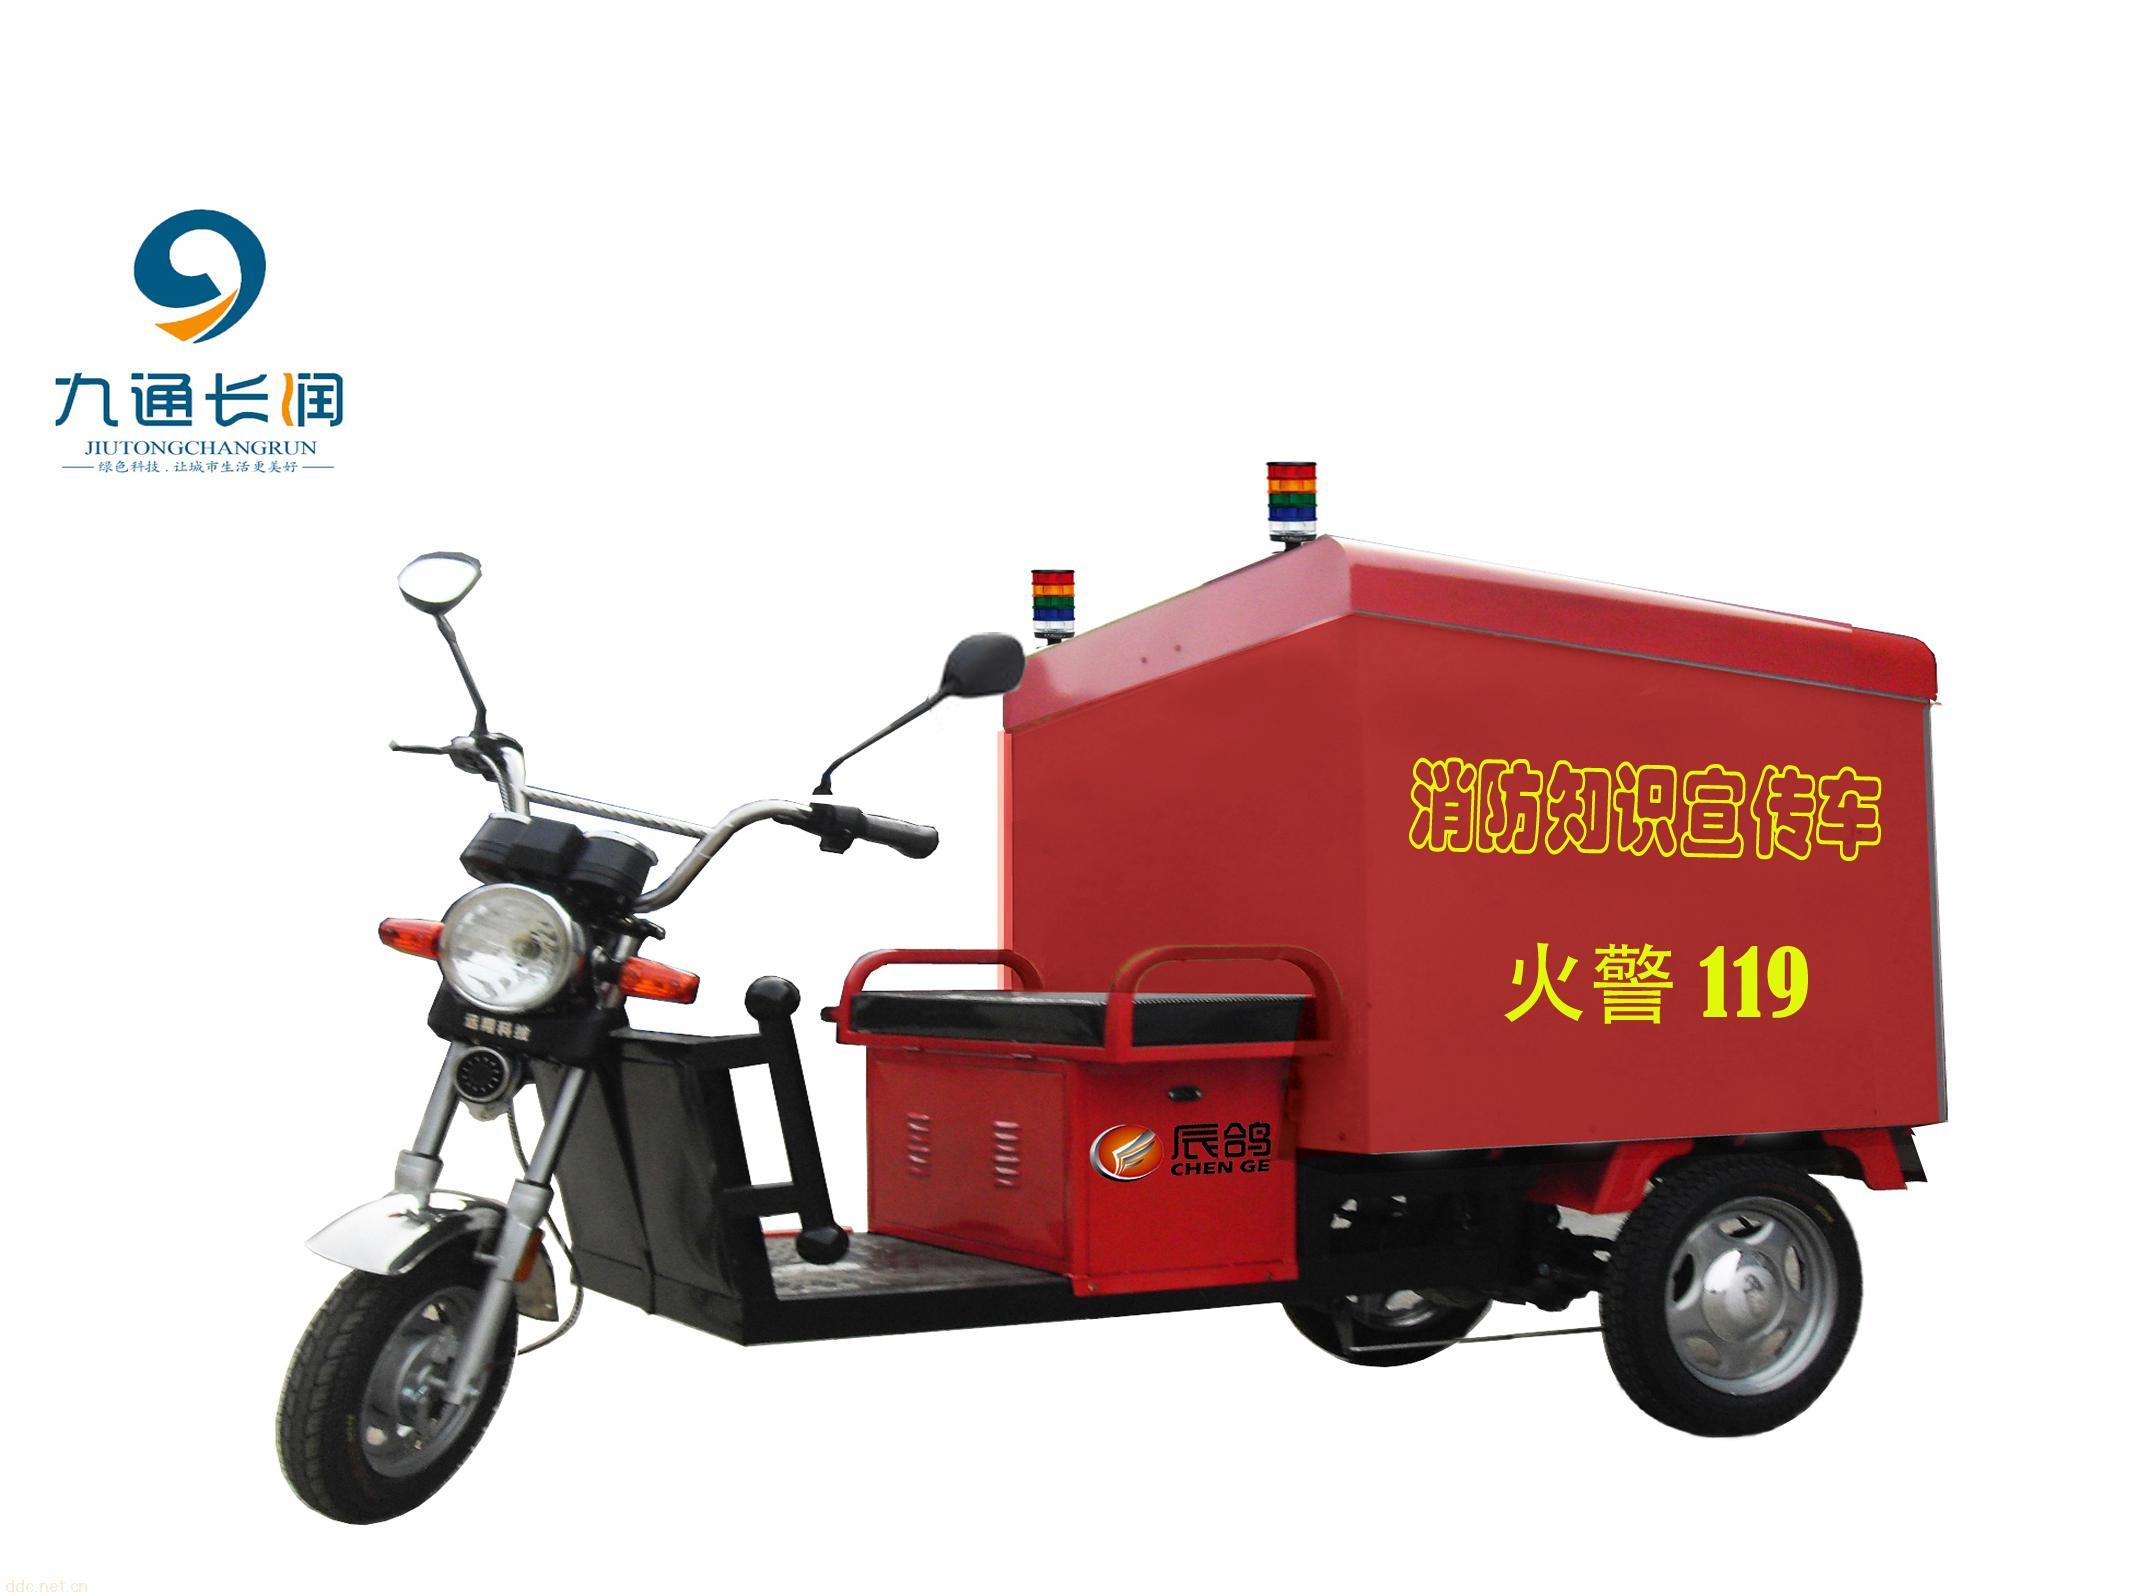 消防宣传电动三轮车